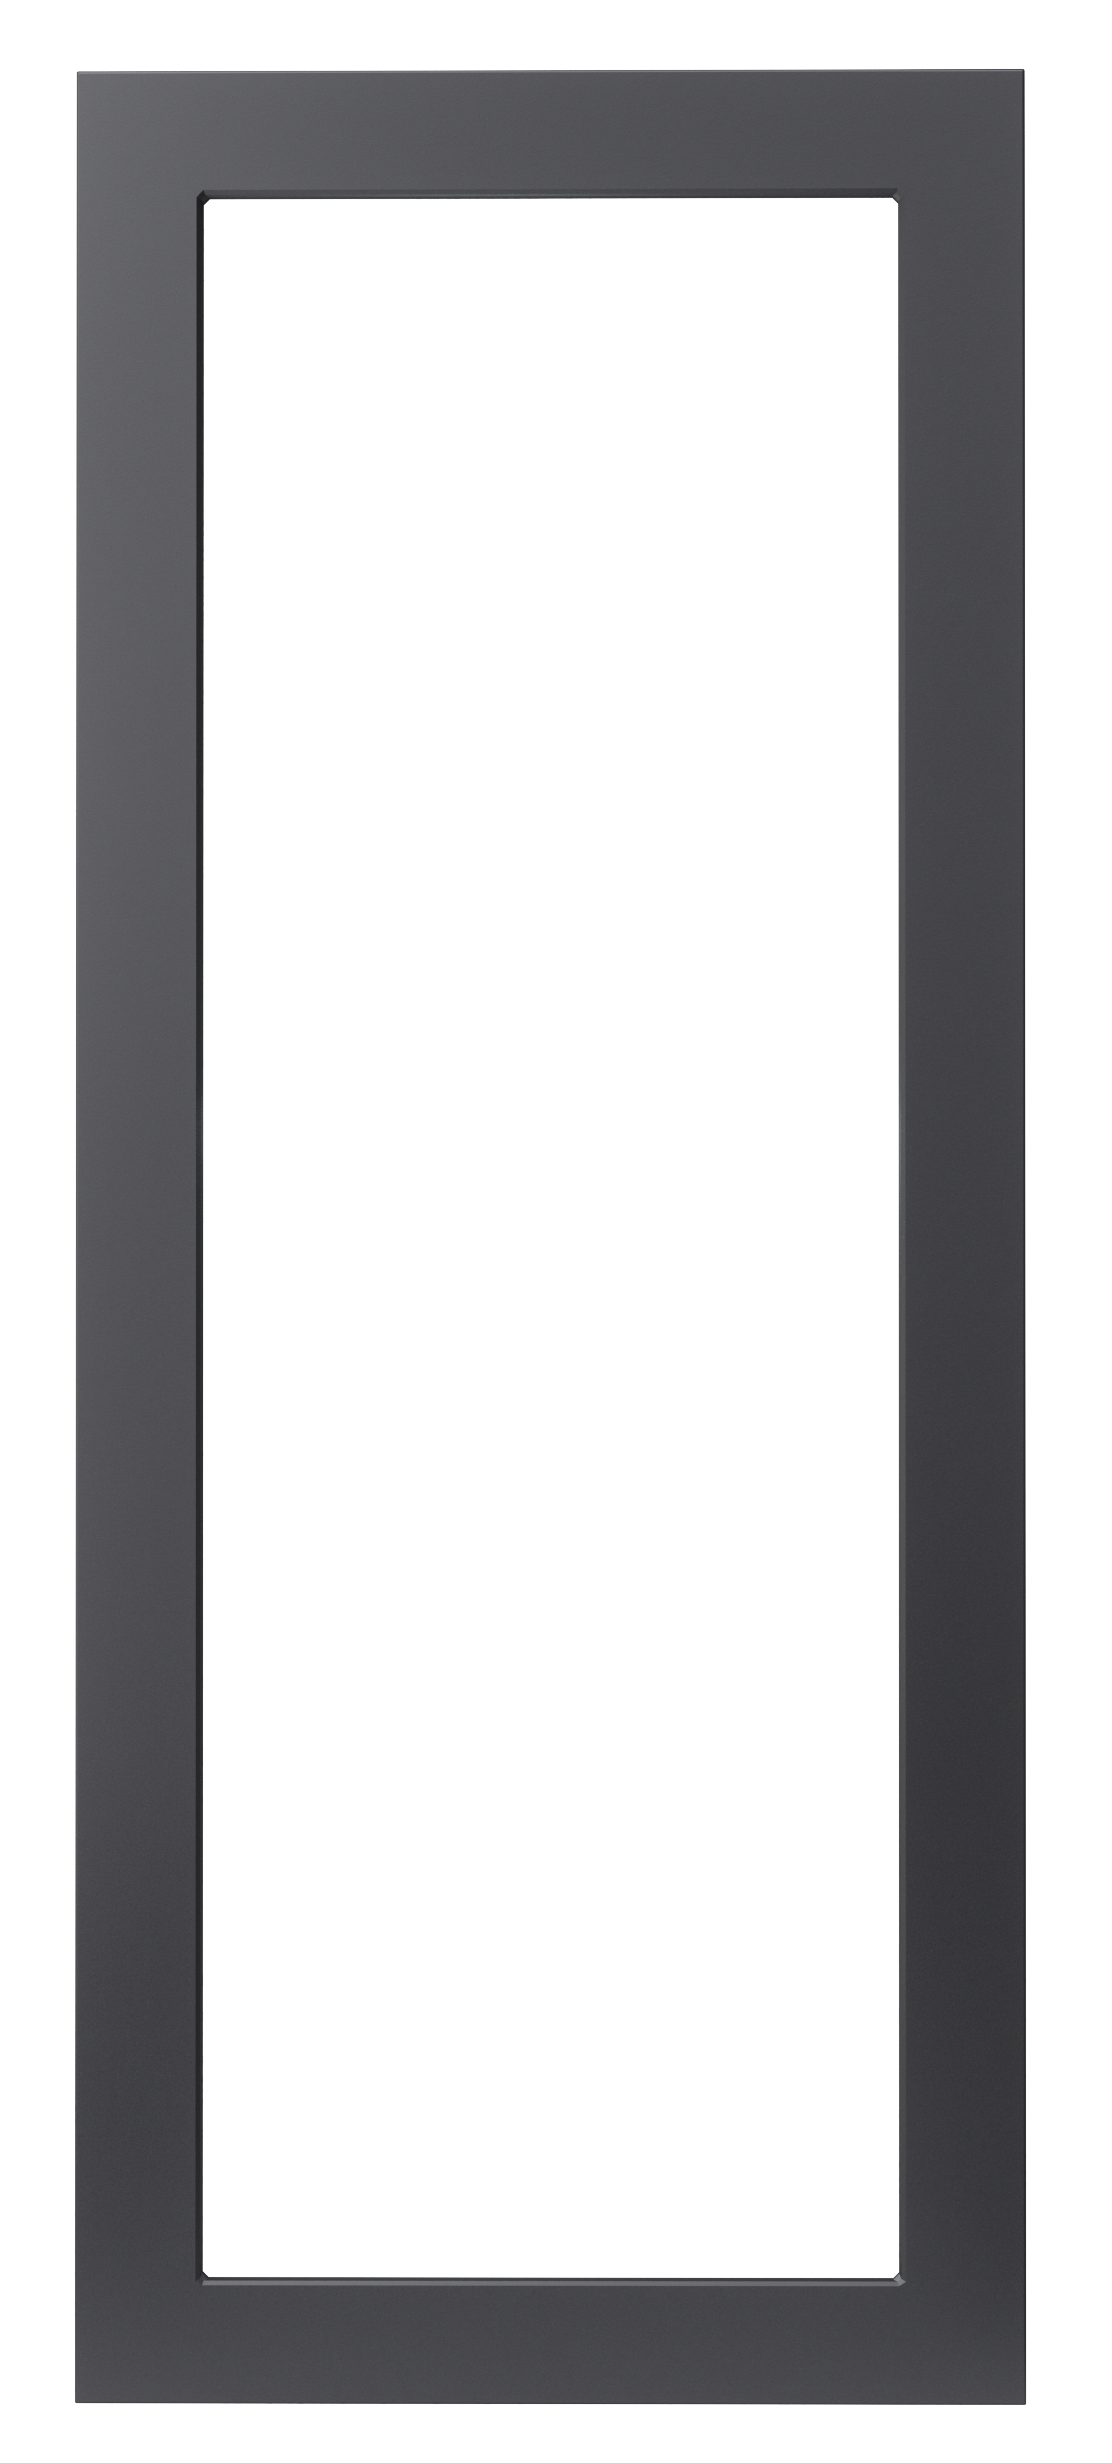 3er Rahmen - Hybrid Türsprechanlage Anthrazit